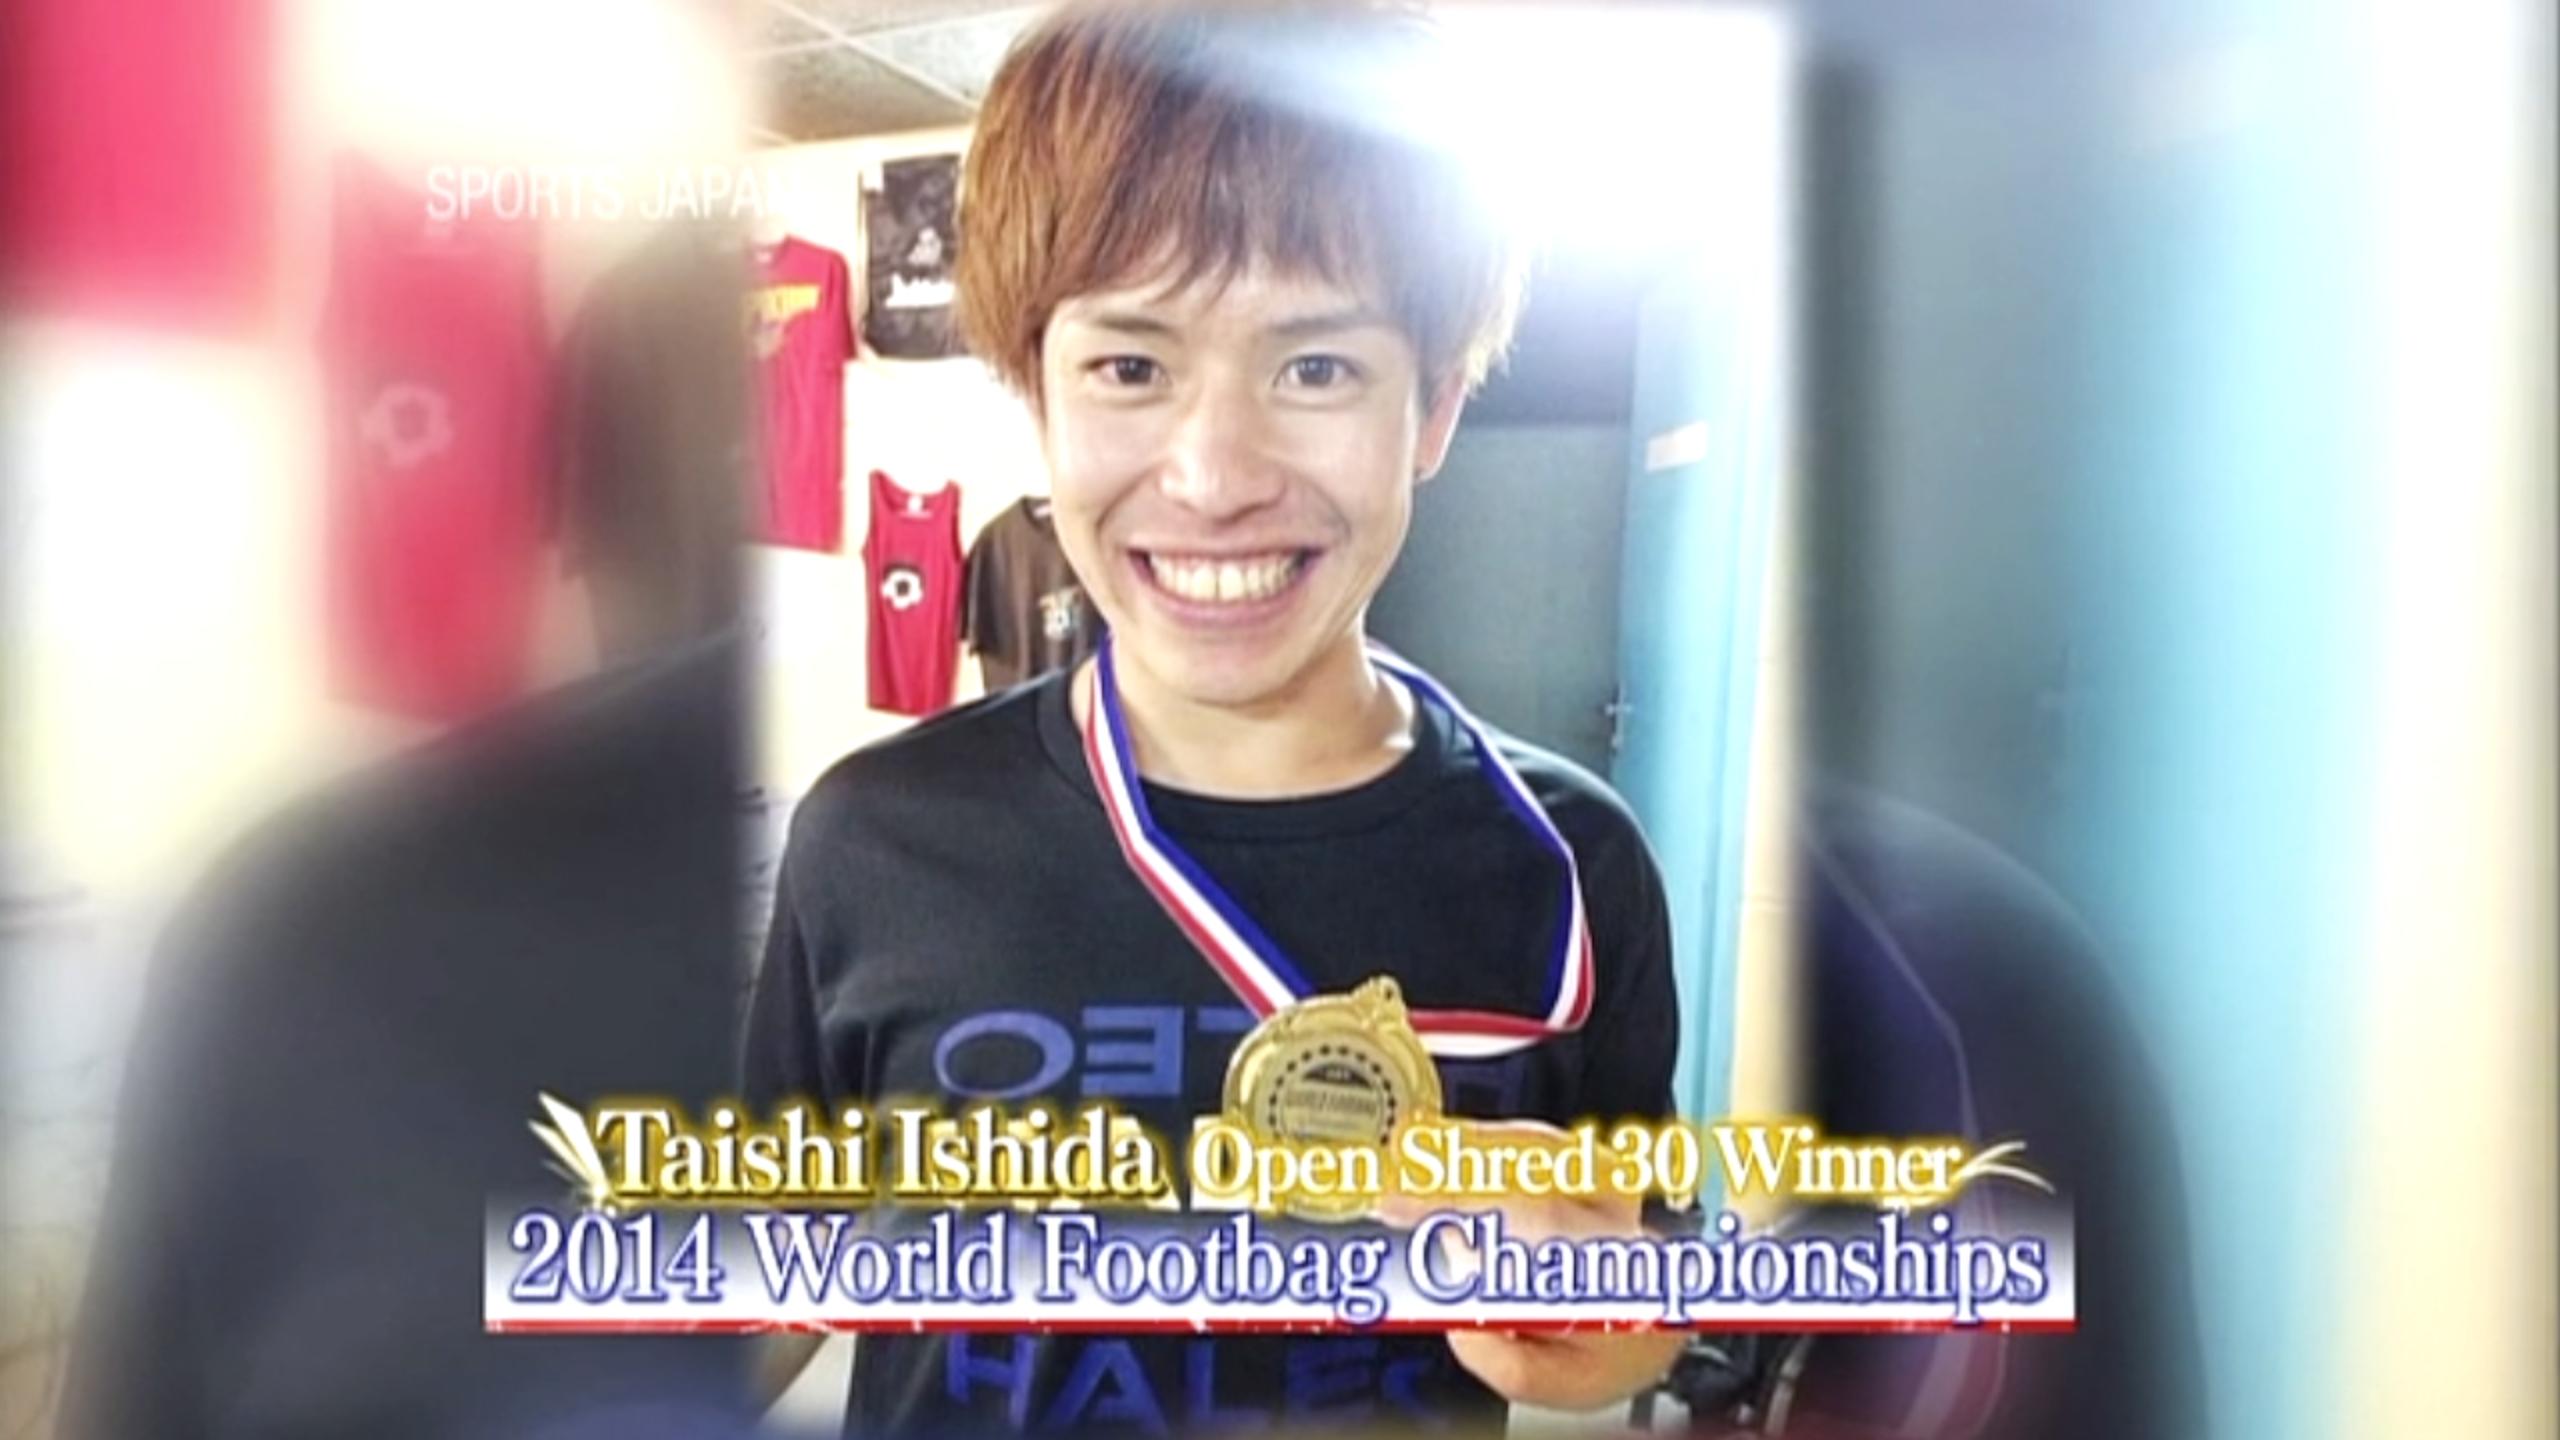 先日TV放送されたNHK WORLD「SPORTS JAPAN」の映像を公開しました。